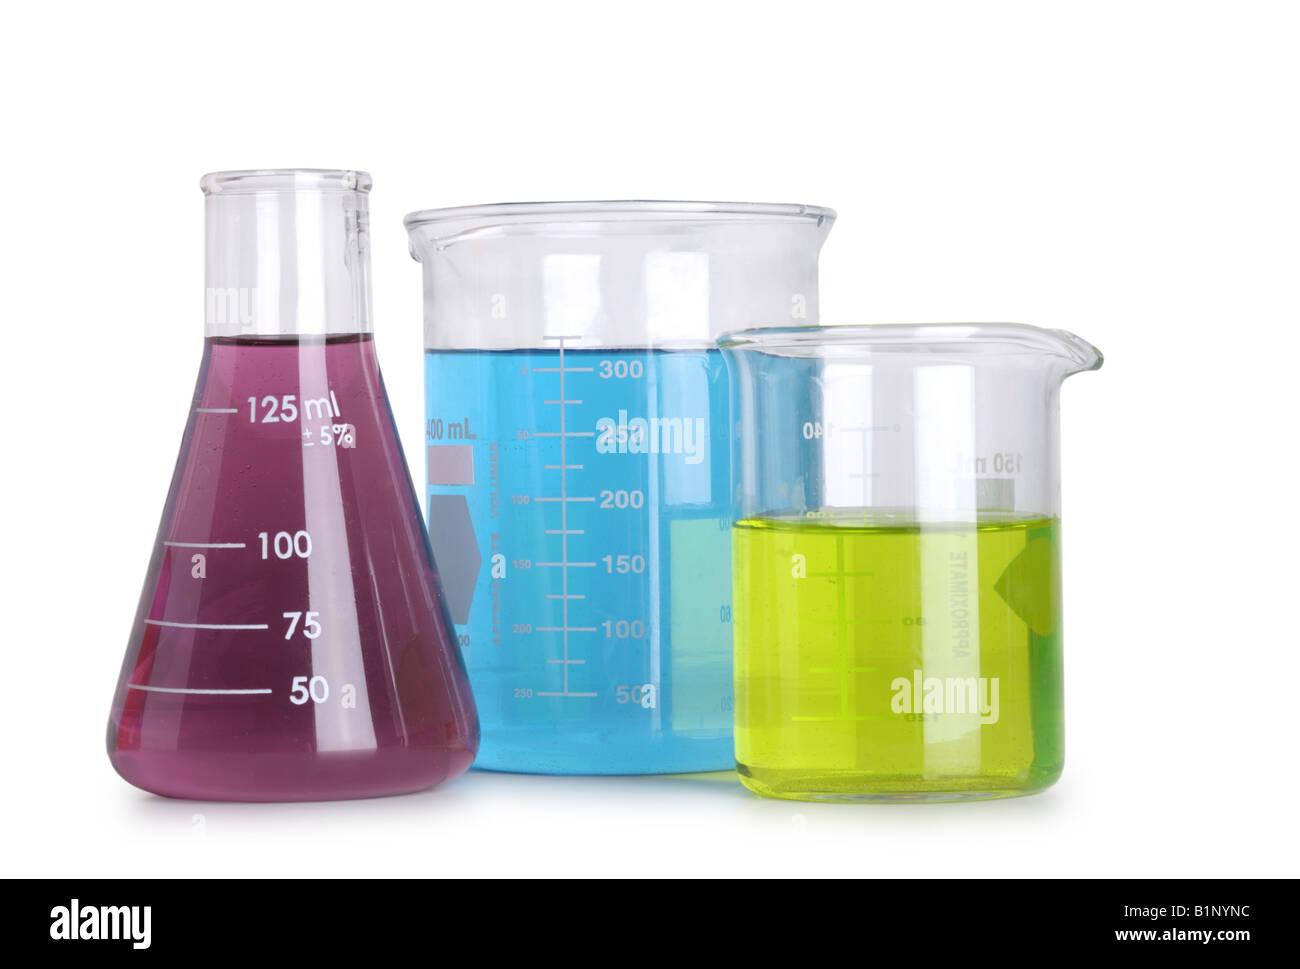 578164 Science Liquids